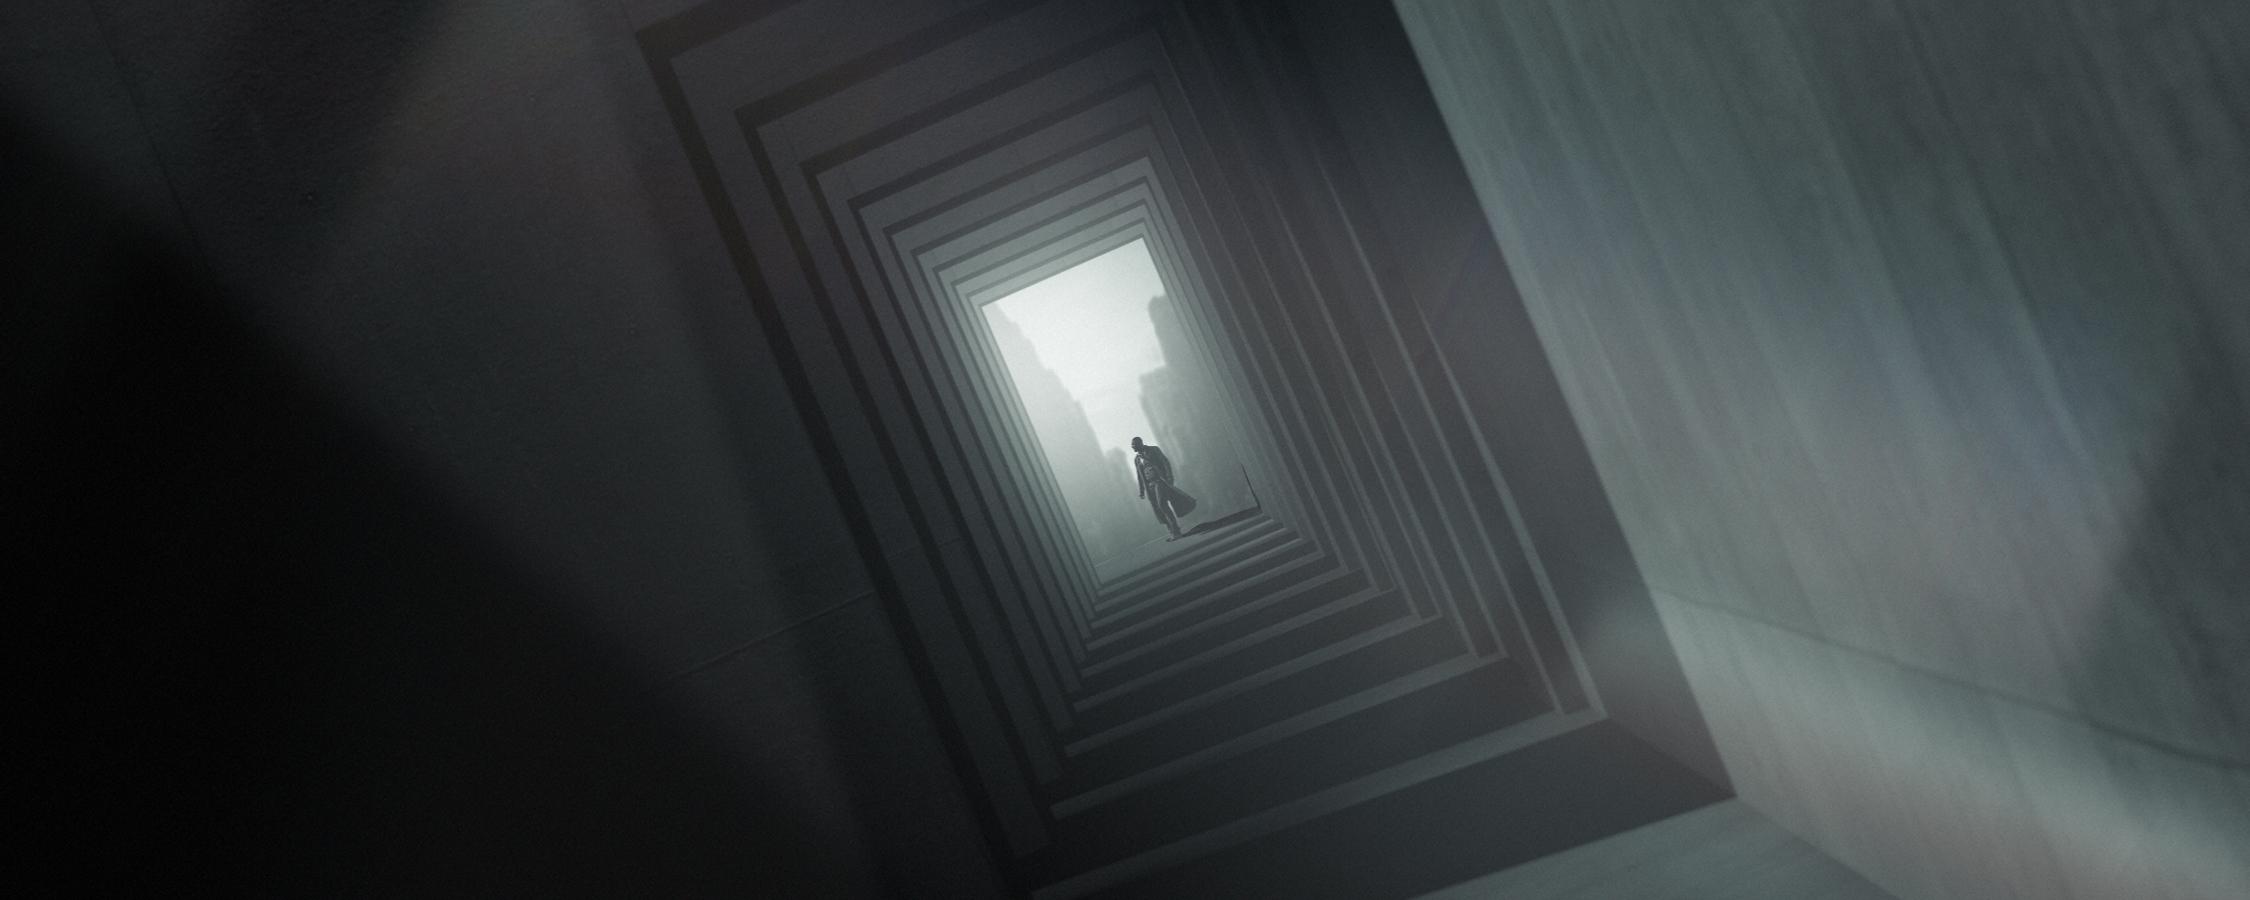 02-DT-WINDOW-01-2.jpg